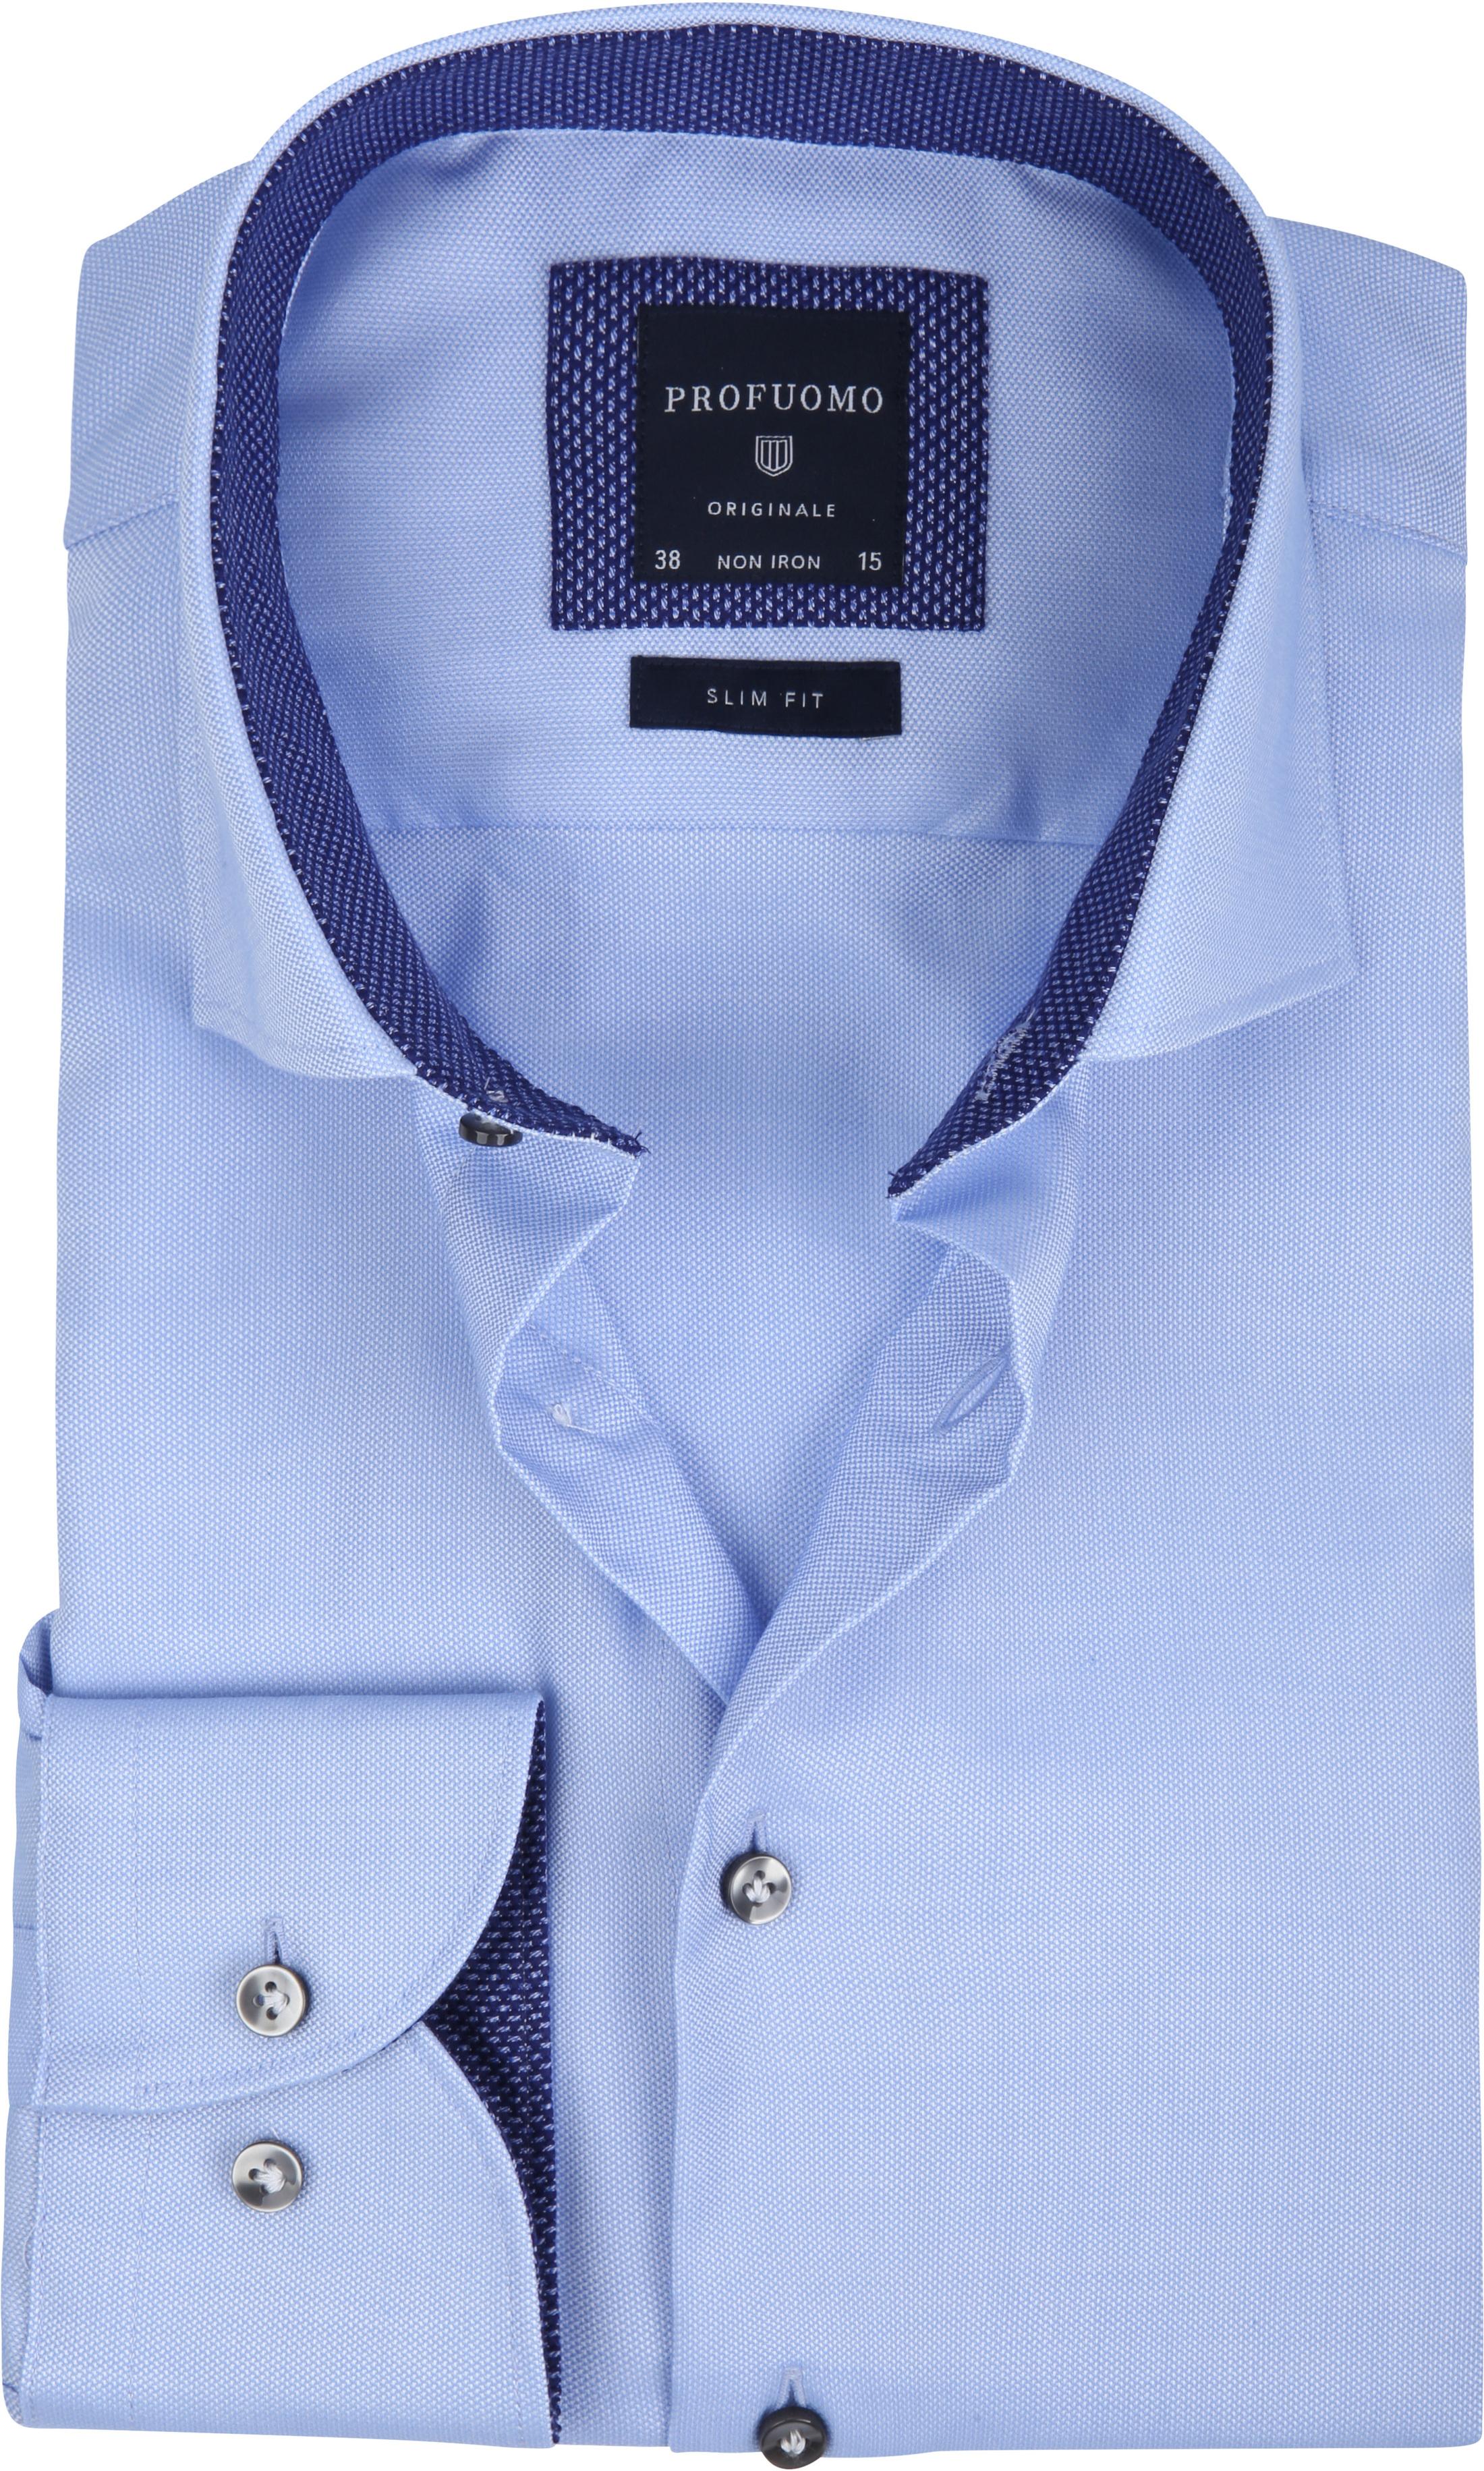 Profuomo Overhemd Non Iron Blauw foto 0